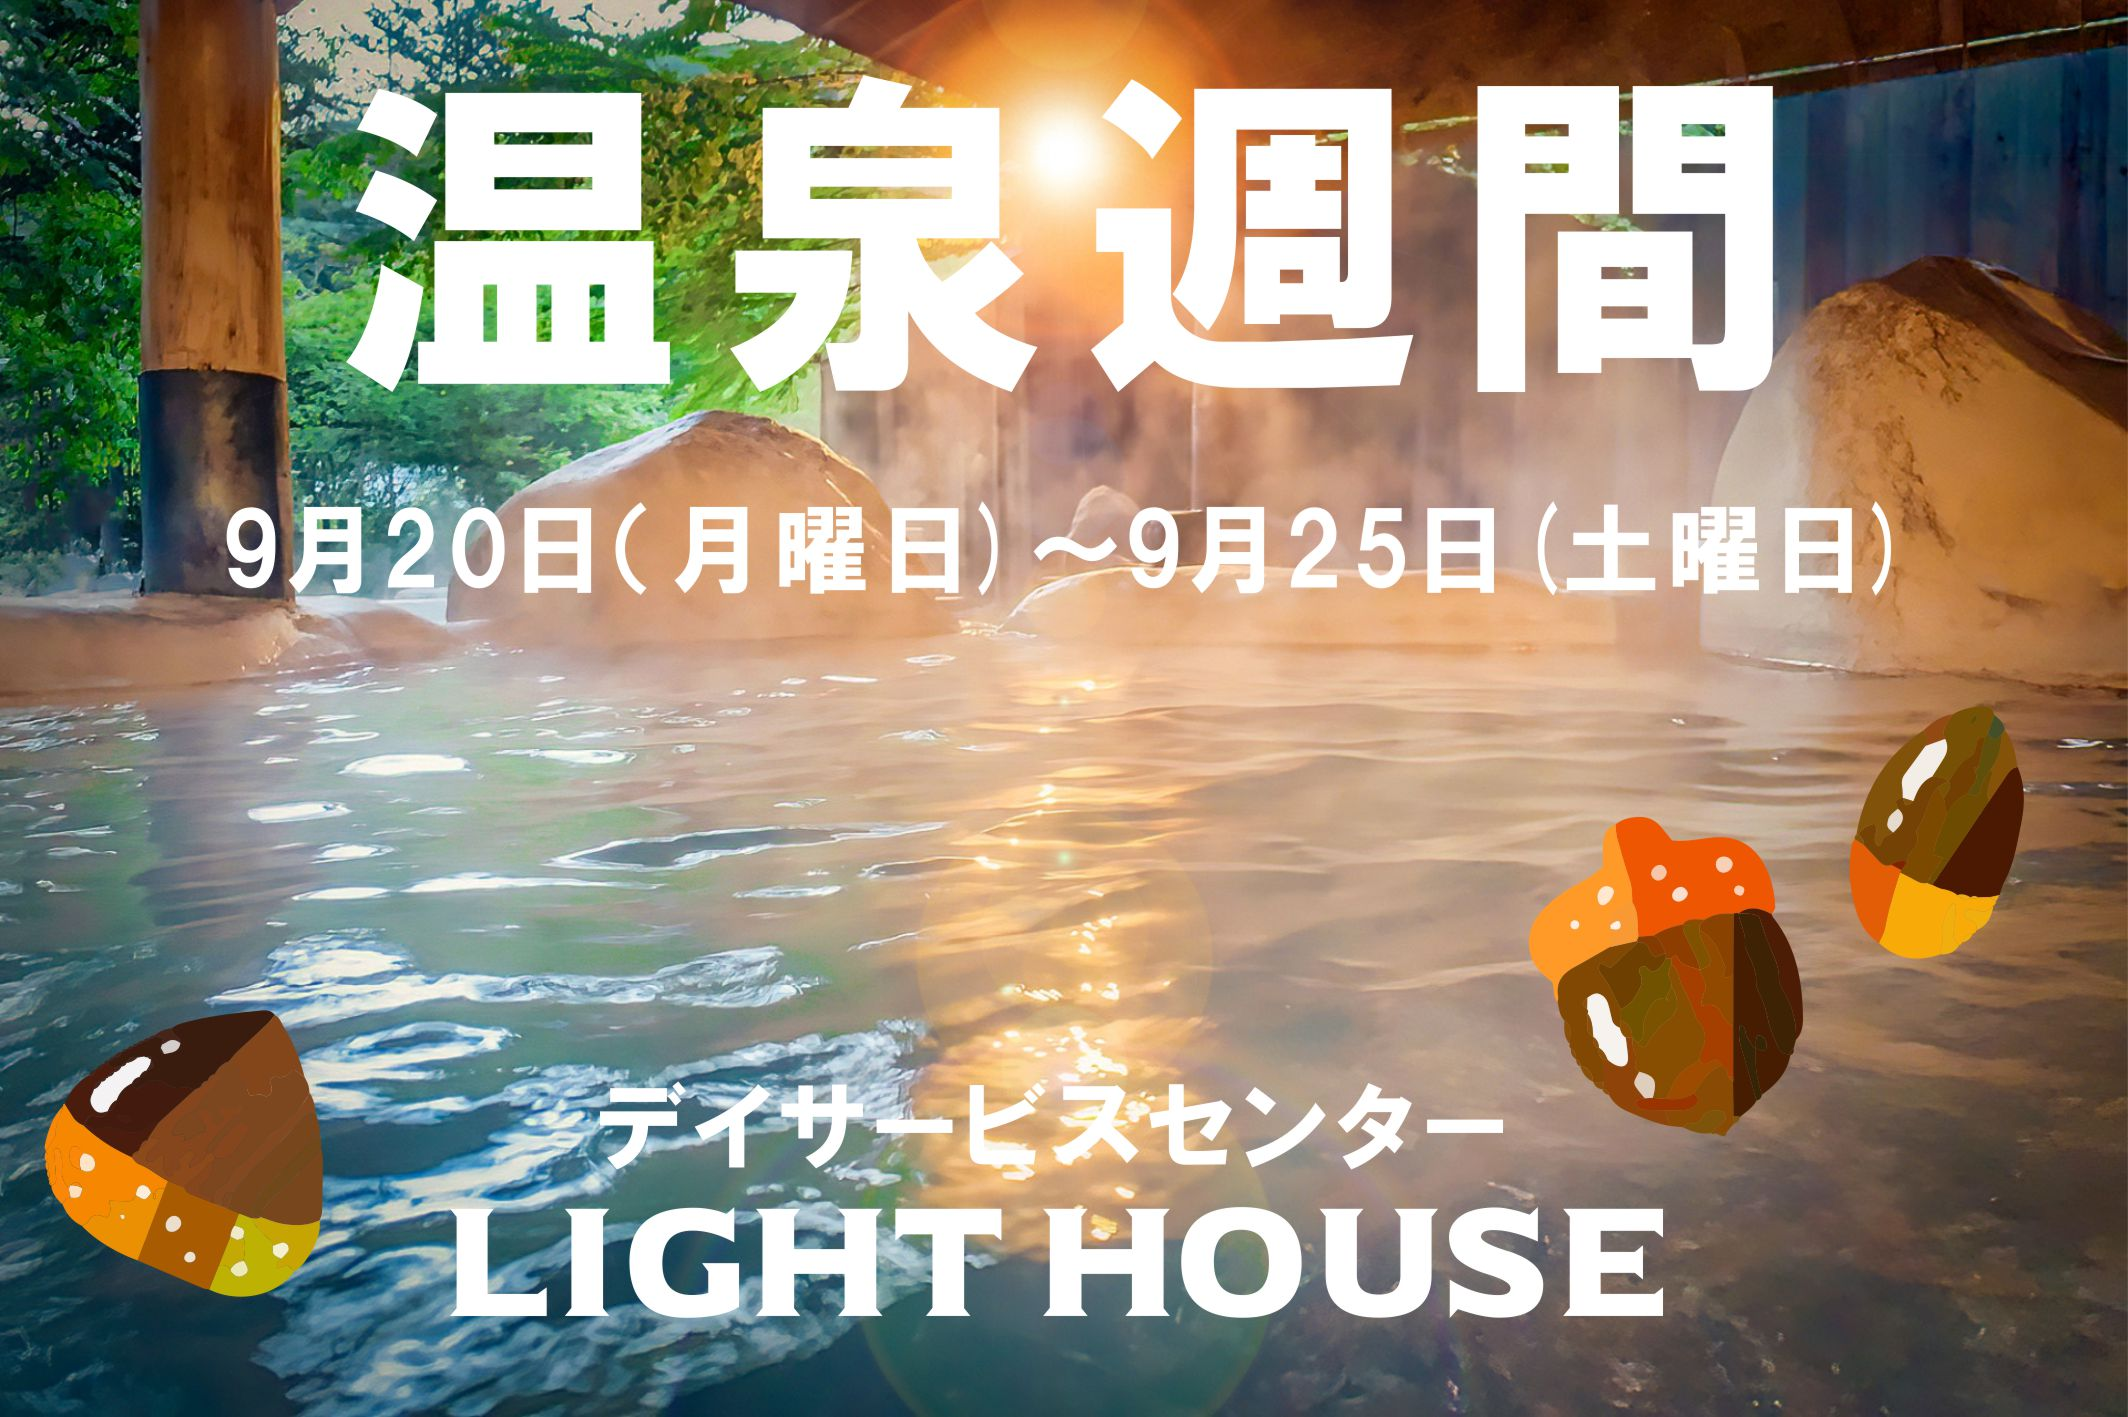 デイサービス センターライトハウスです。 温泉週間のご案内です! 【南紀和歌山の天然温泉水を使用致します。】